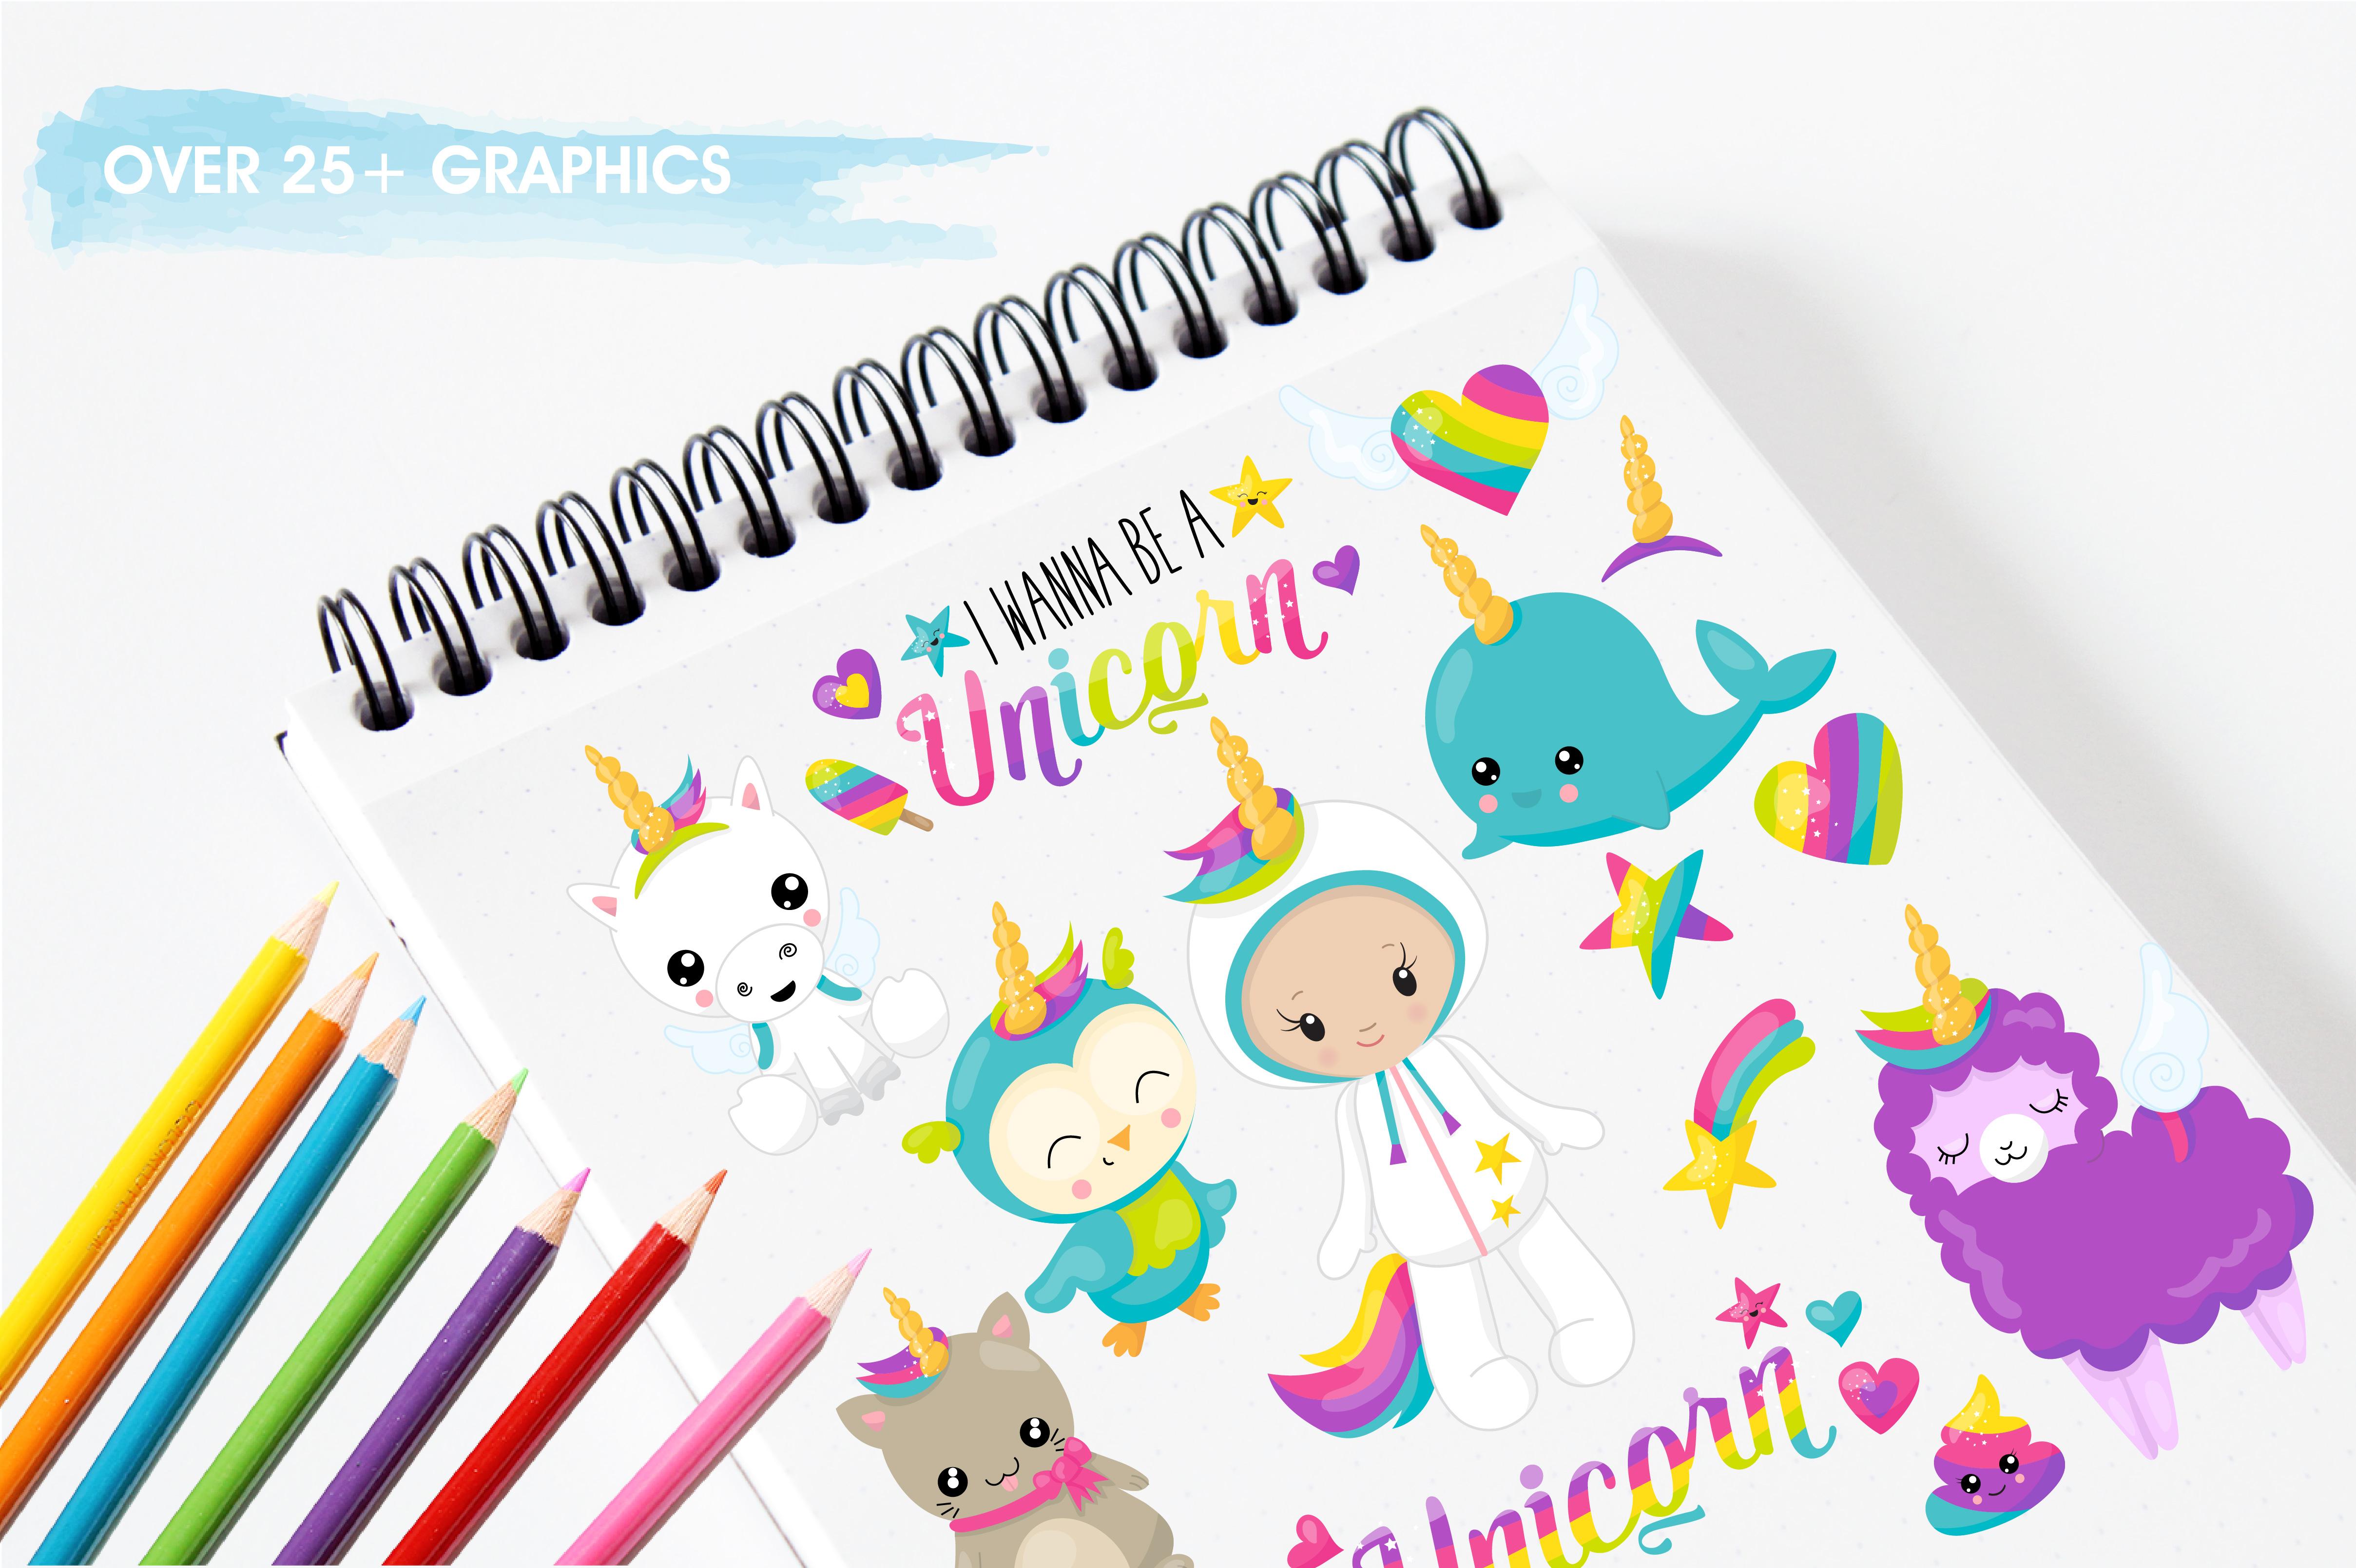 Wannabe unicorn graphics and illustrations example image 3